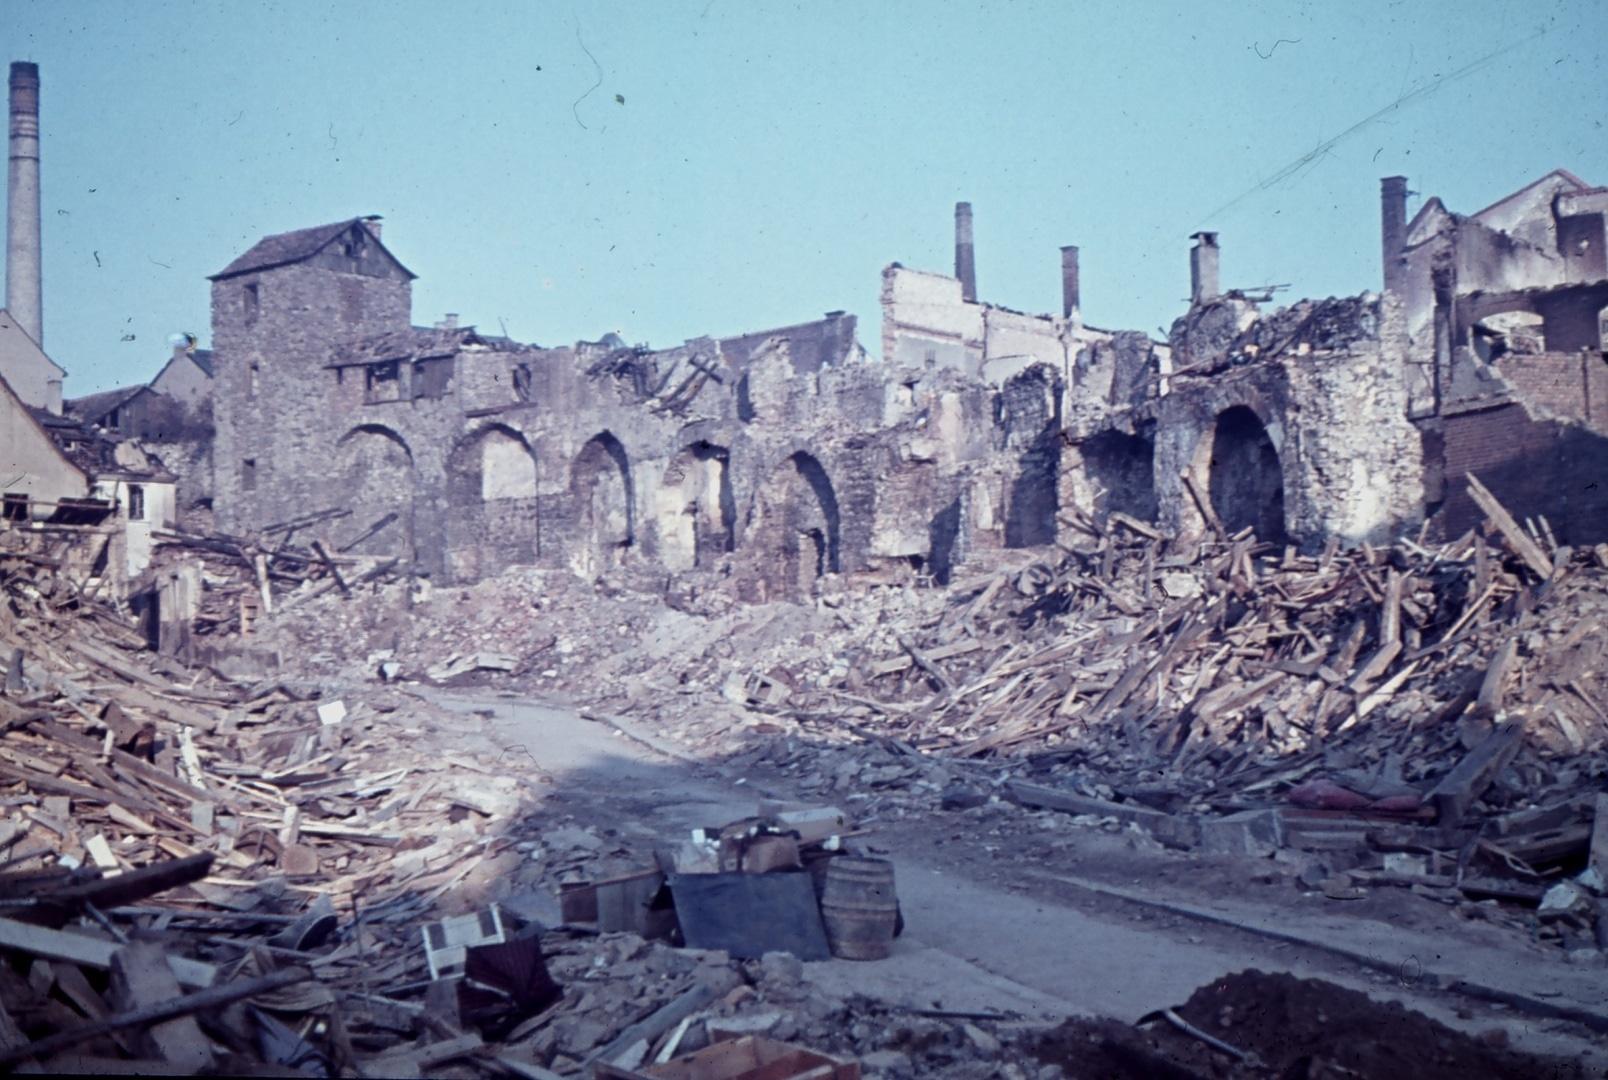 Hinkelsgasse, Stadtmauer und Hinkelsturm in Trümmern